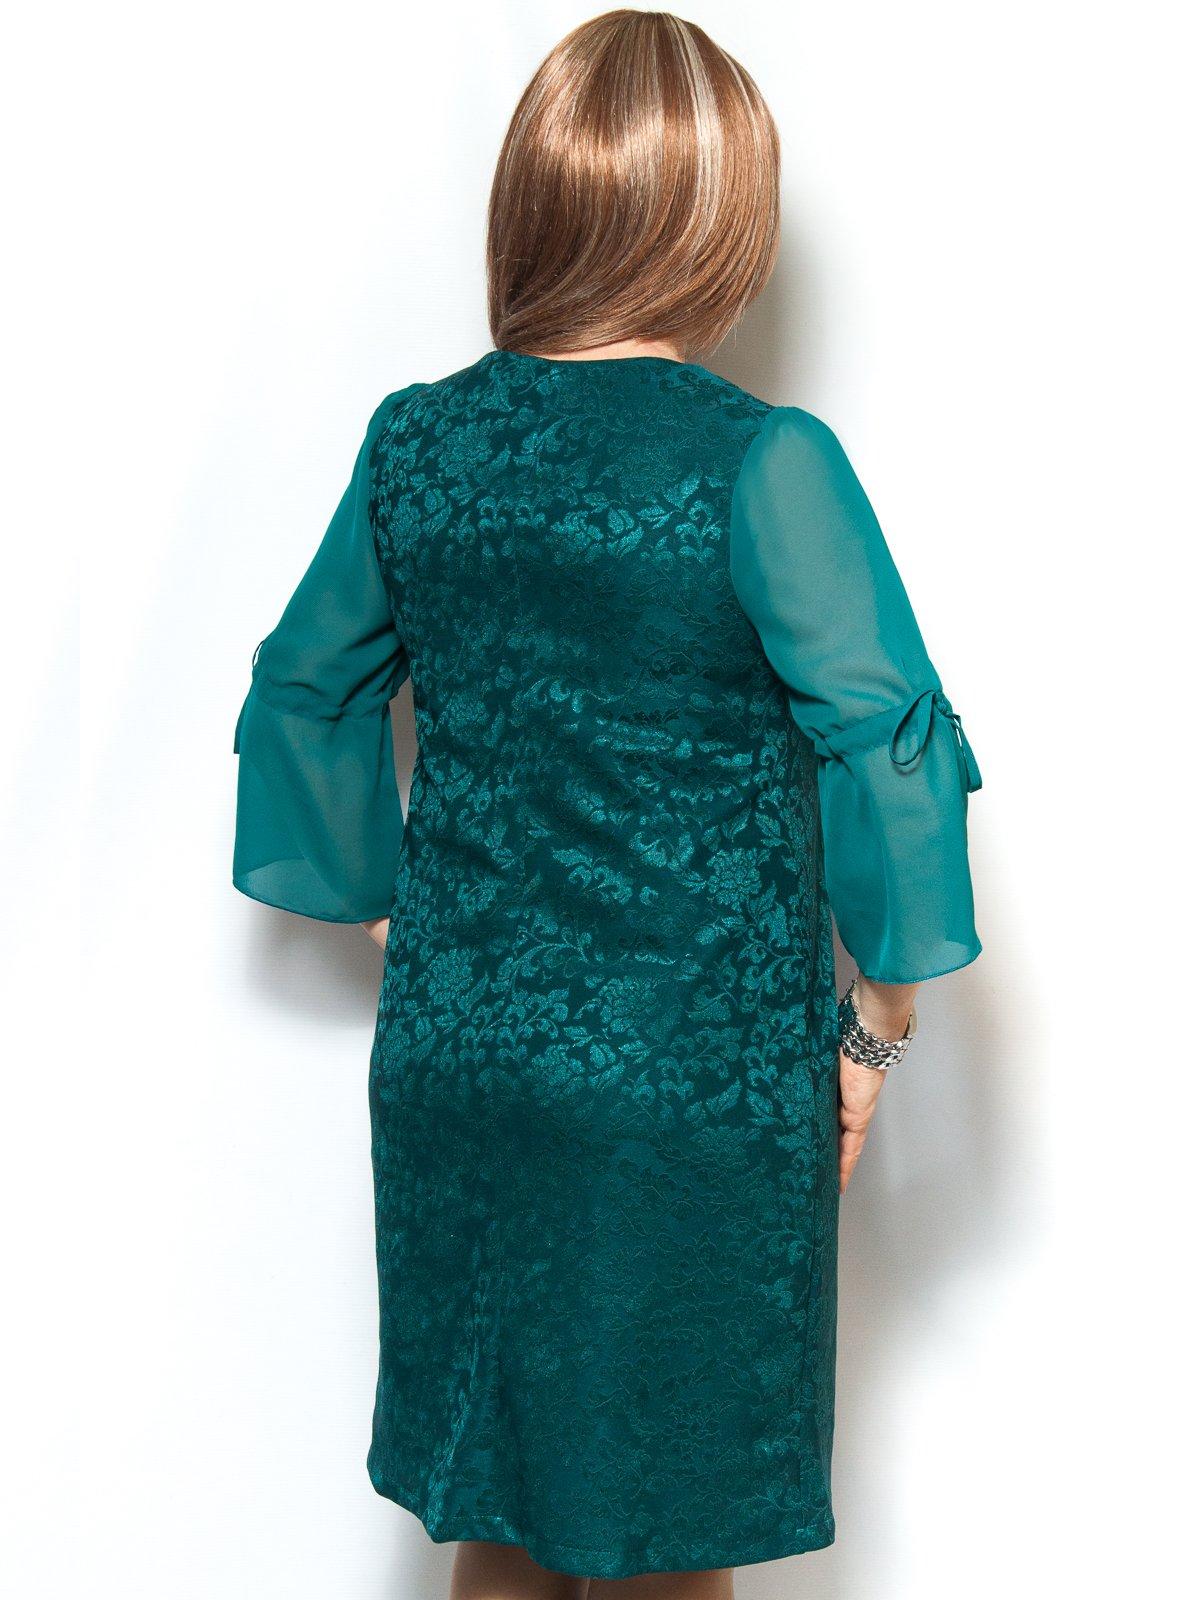 Сукня зелена | 4071394 | фото 2